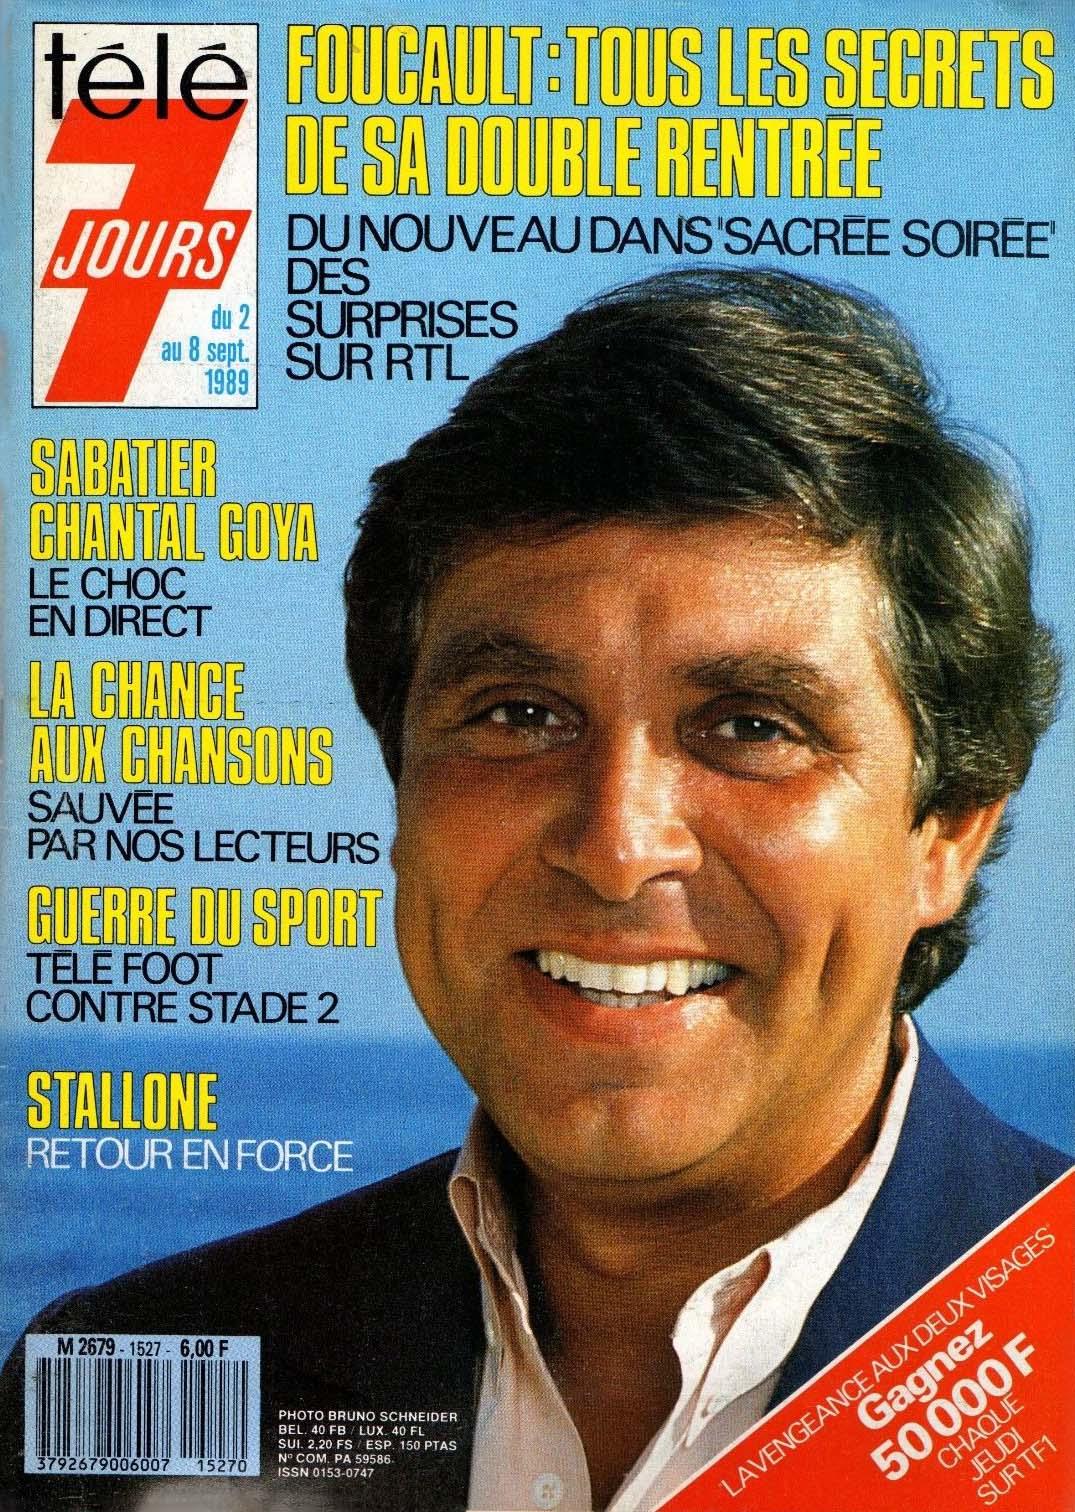 Programme TV du 2 au 8 septembre 1989